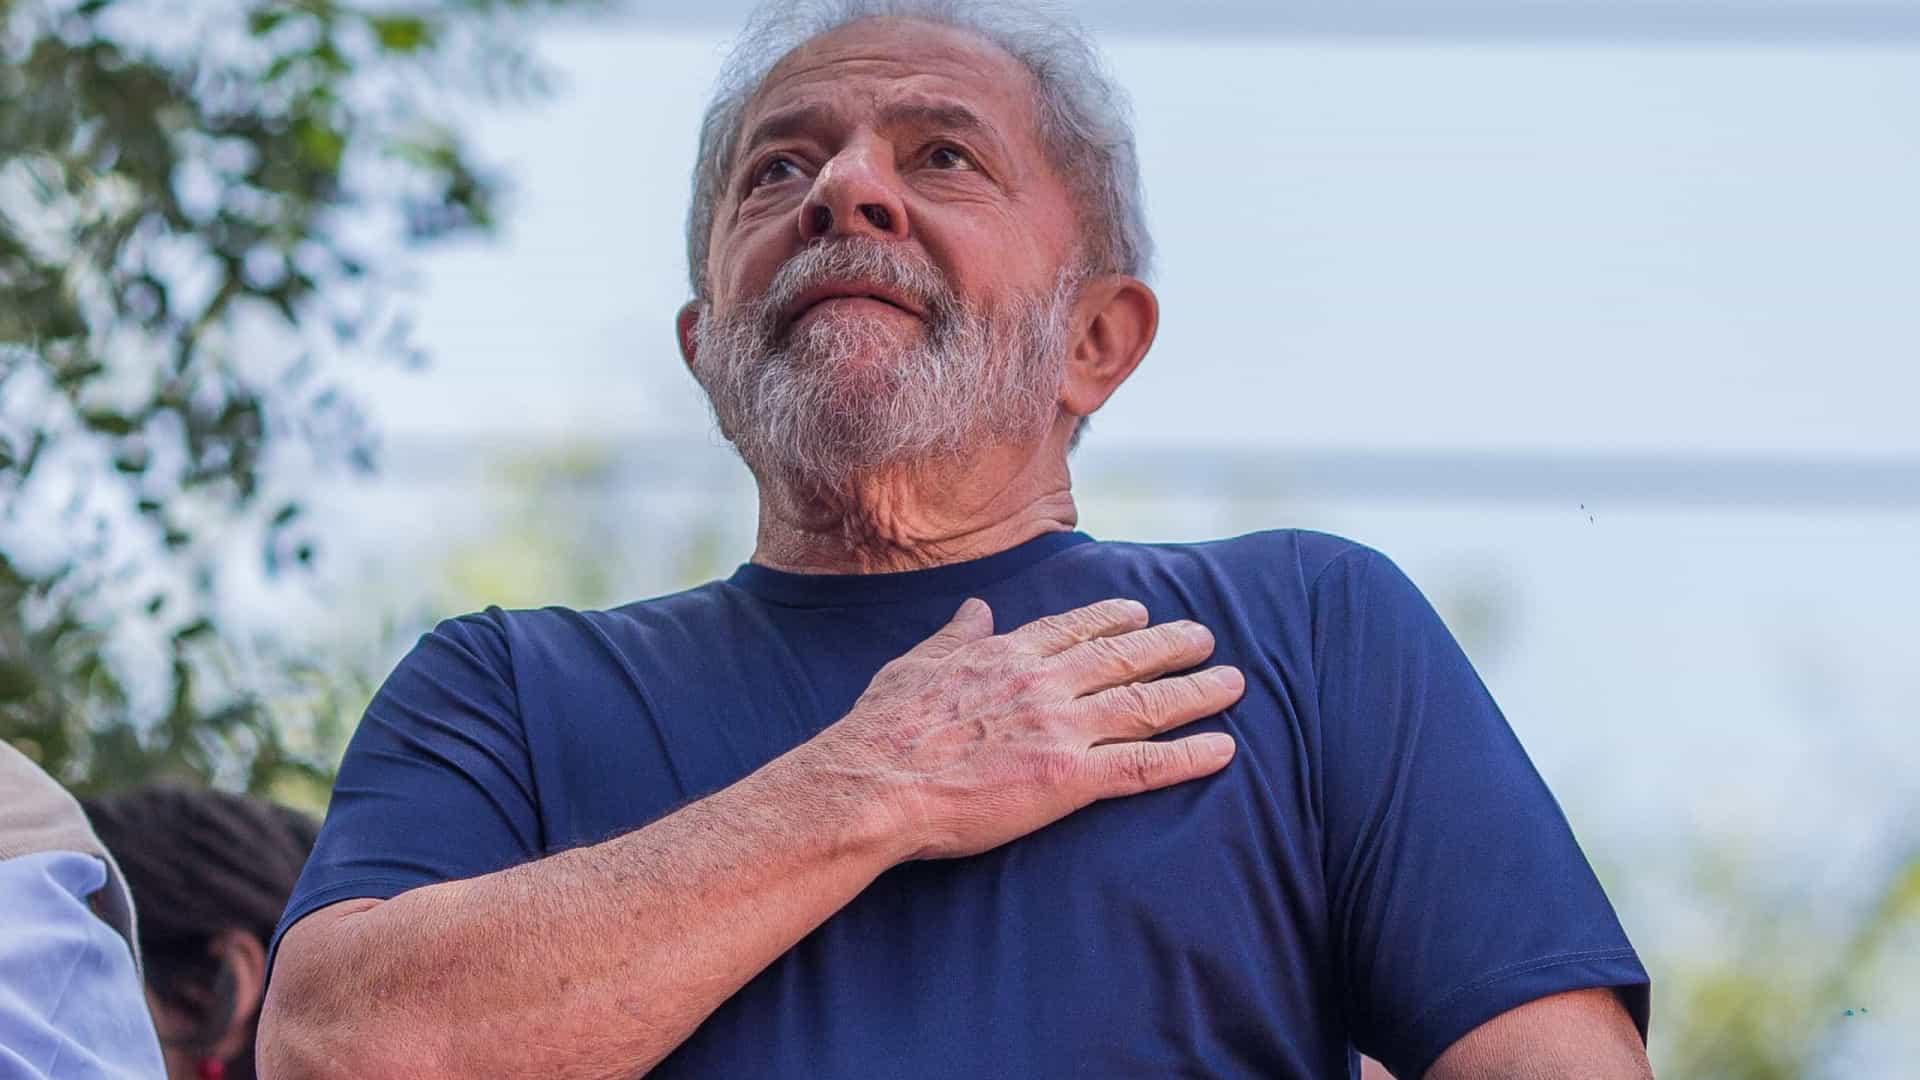 naom 5da5961b7d8bf - Nos últimos anos, andamos para trás; economia do Brasil encolheu, diz Lula